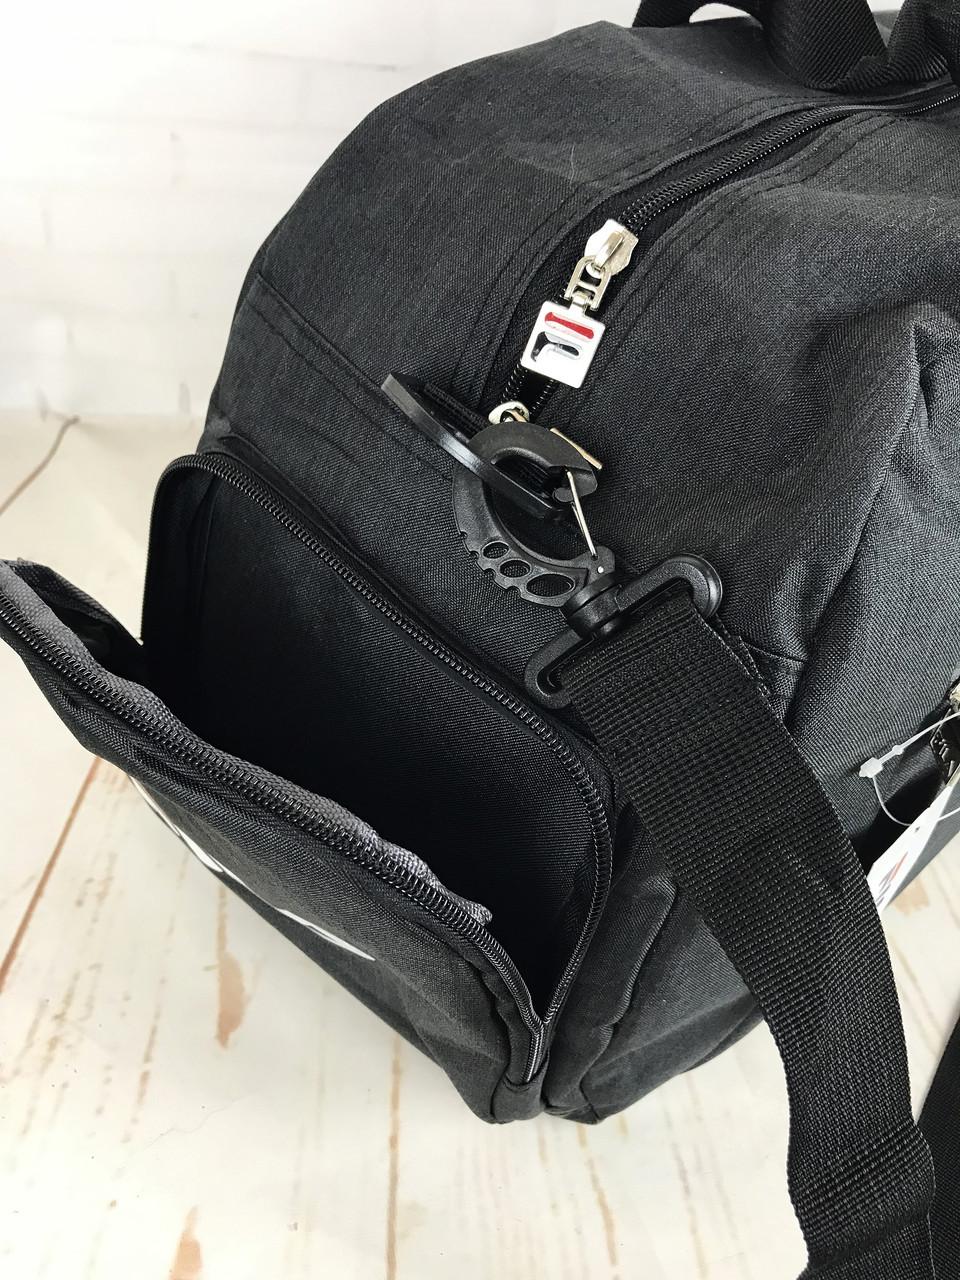 f2663f60 Красивая спортивная сумка Fila.Сумка для тренировок. Дорожная сумка КСС29-1,  цена 578 грн., купить в Киеве — Prom.ua (ID#960879926)